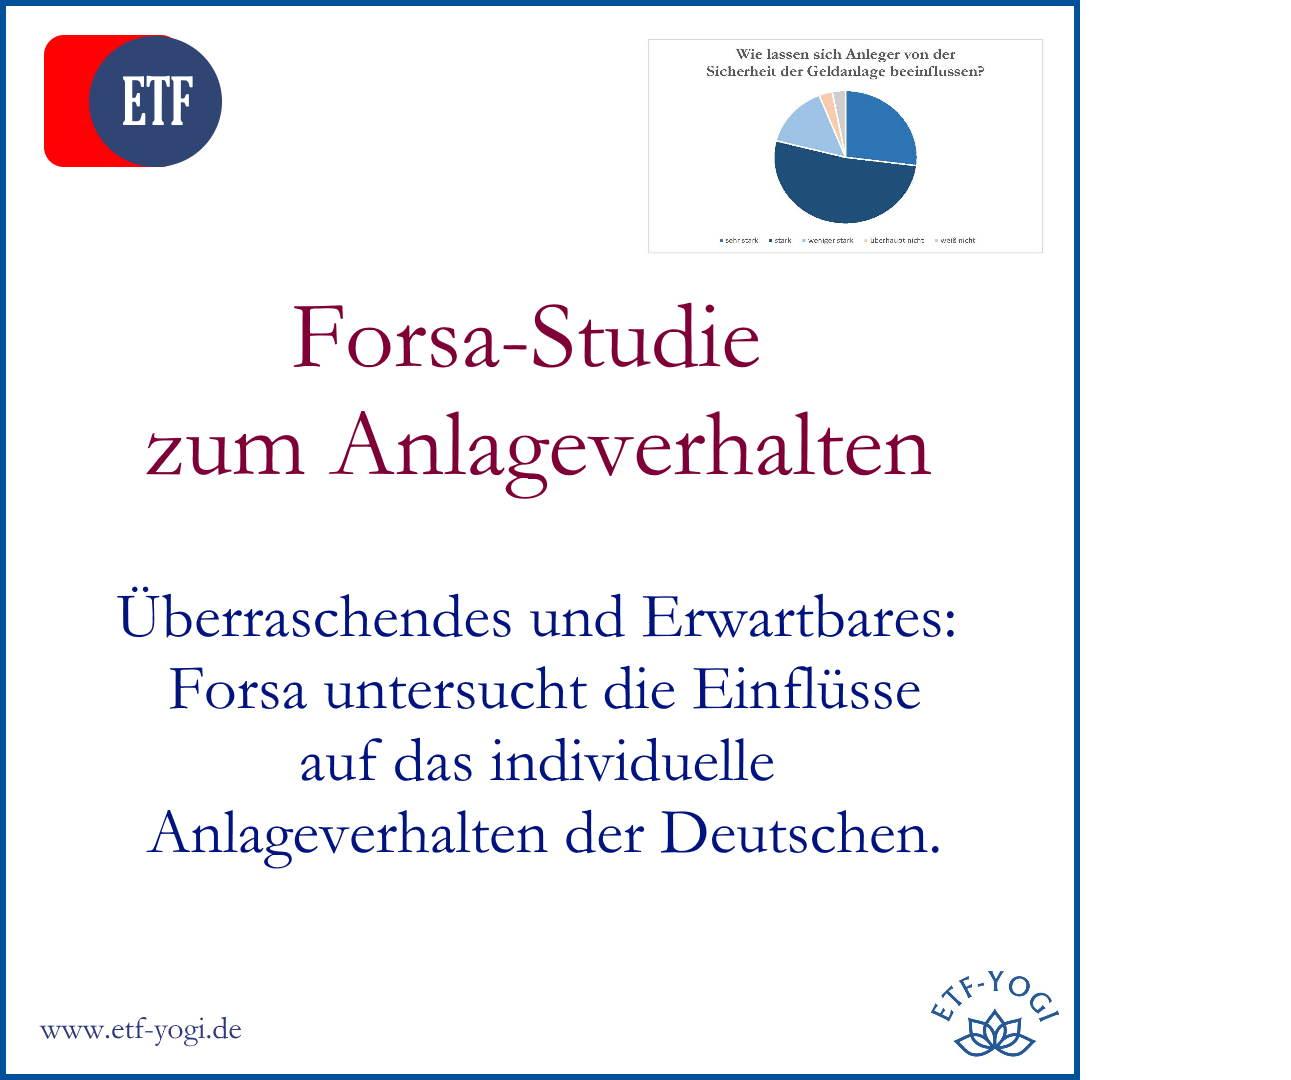 Forsa-Studie: Einflussfaktoren wie Sicherheit auf das Anlageverhalten der Deutschen